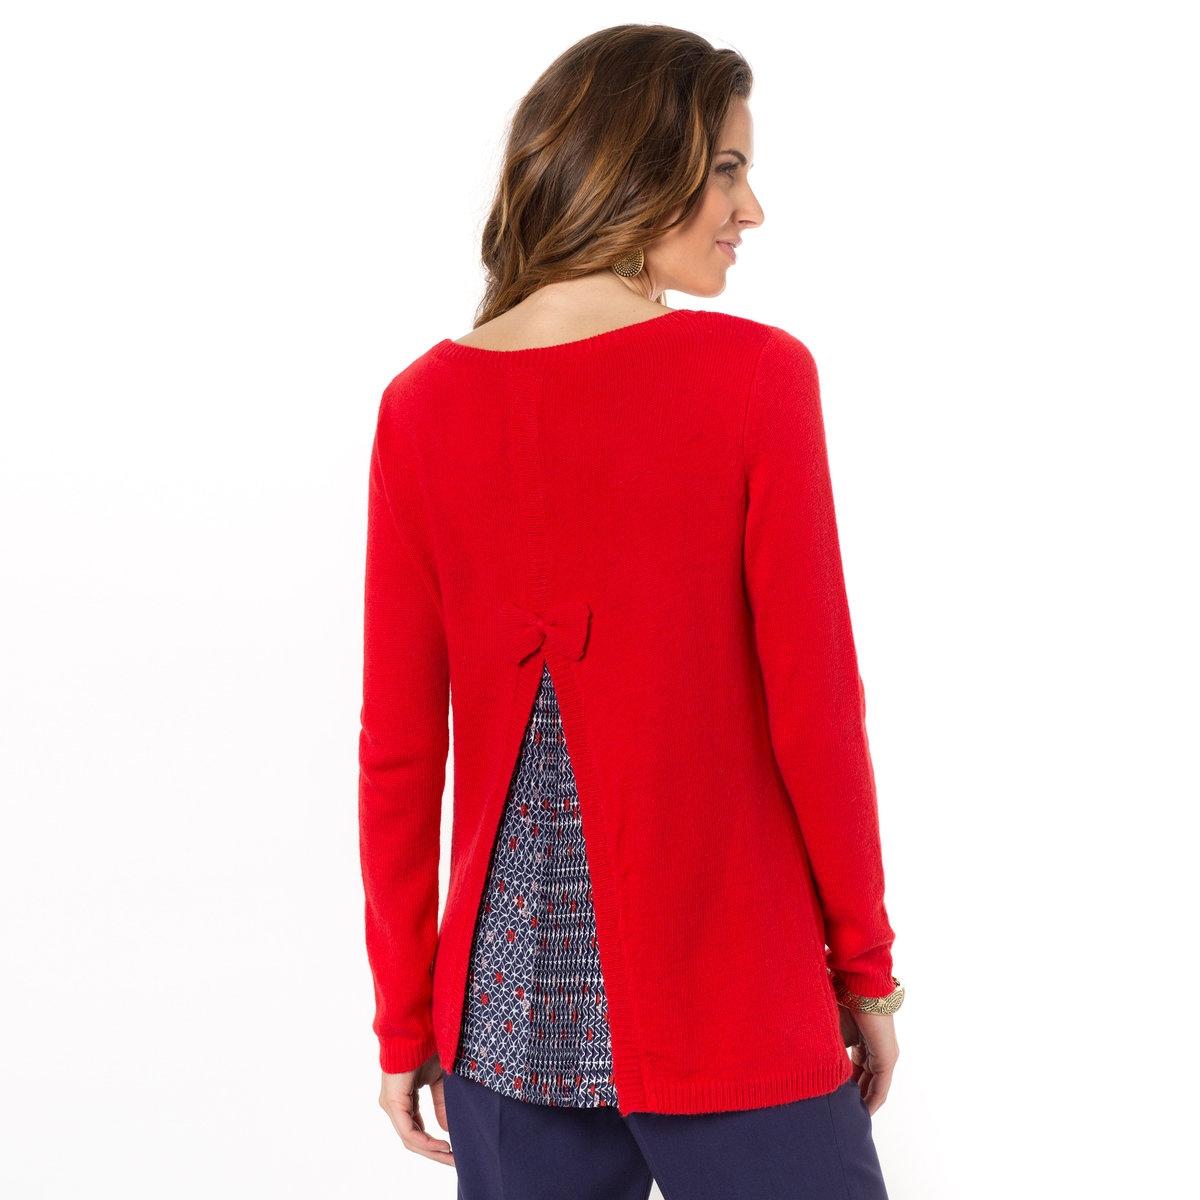 Пуловер, 8% альпакиКруглый вырез. Элегантная, слегка трапециевидная форма с асимметричным вырезом на спине и вставкой из плиссированной вуали с рисунком. Края связаны в рубчик. Длина ок. 65 см. Трикотаж, 40% акрила, 35% полиамида, 17% вискозы, 8% альпаки.<br><br>Цвет: красный